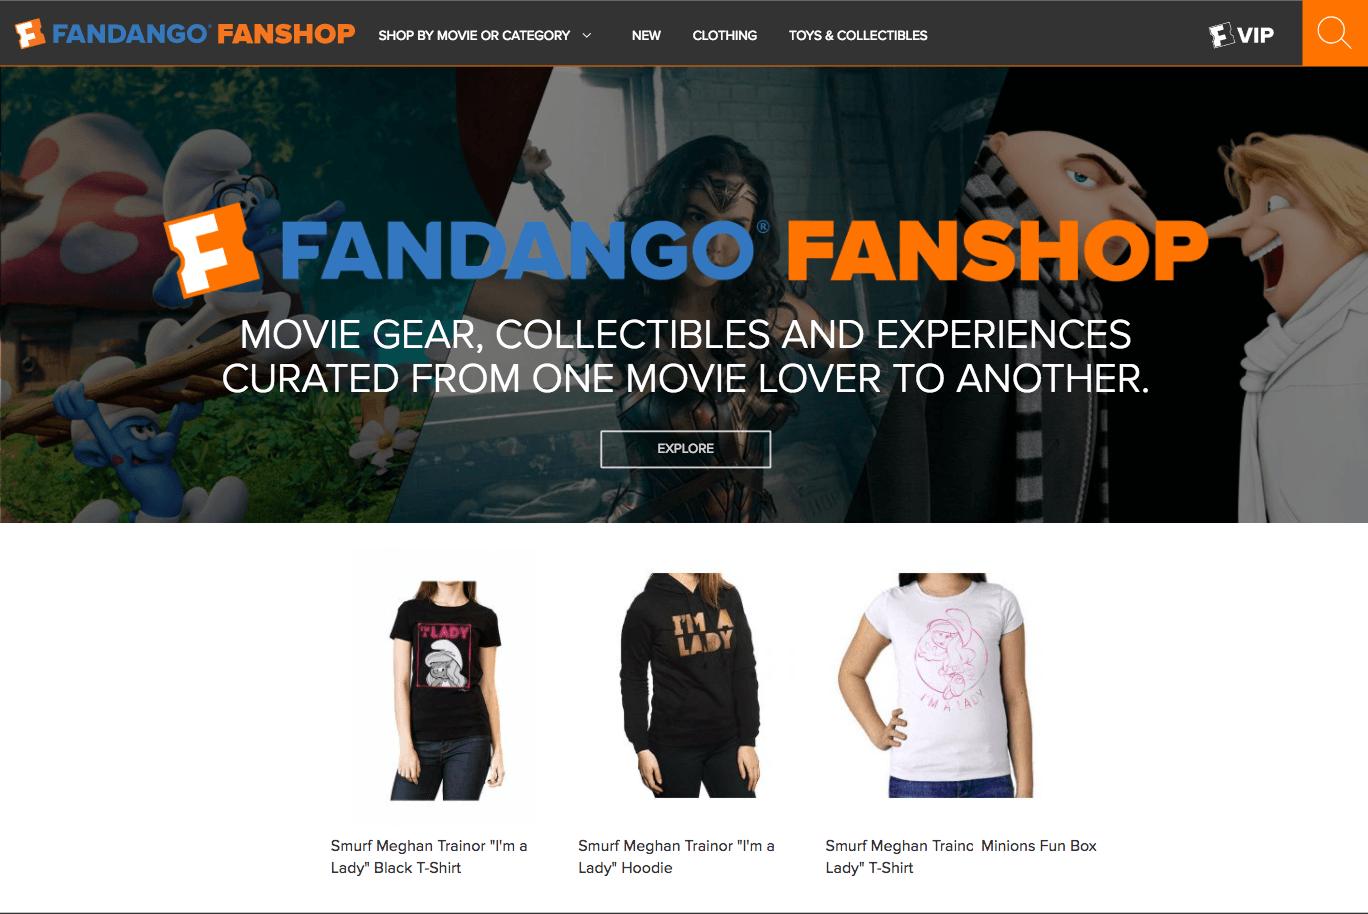 """Meghan Trainor Unveils """"I'm a Lady"""" Smurf Apparel on Fandango FanShop [Fashion]"""